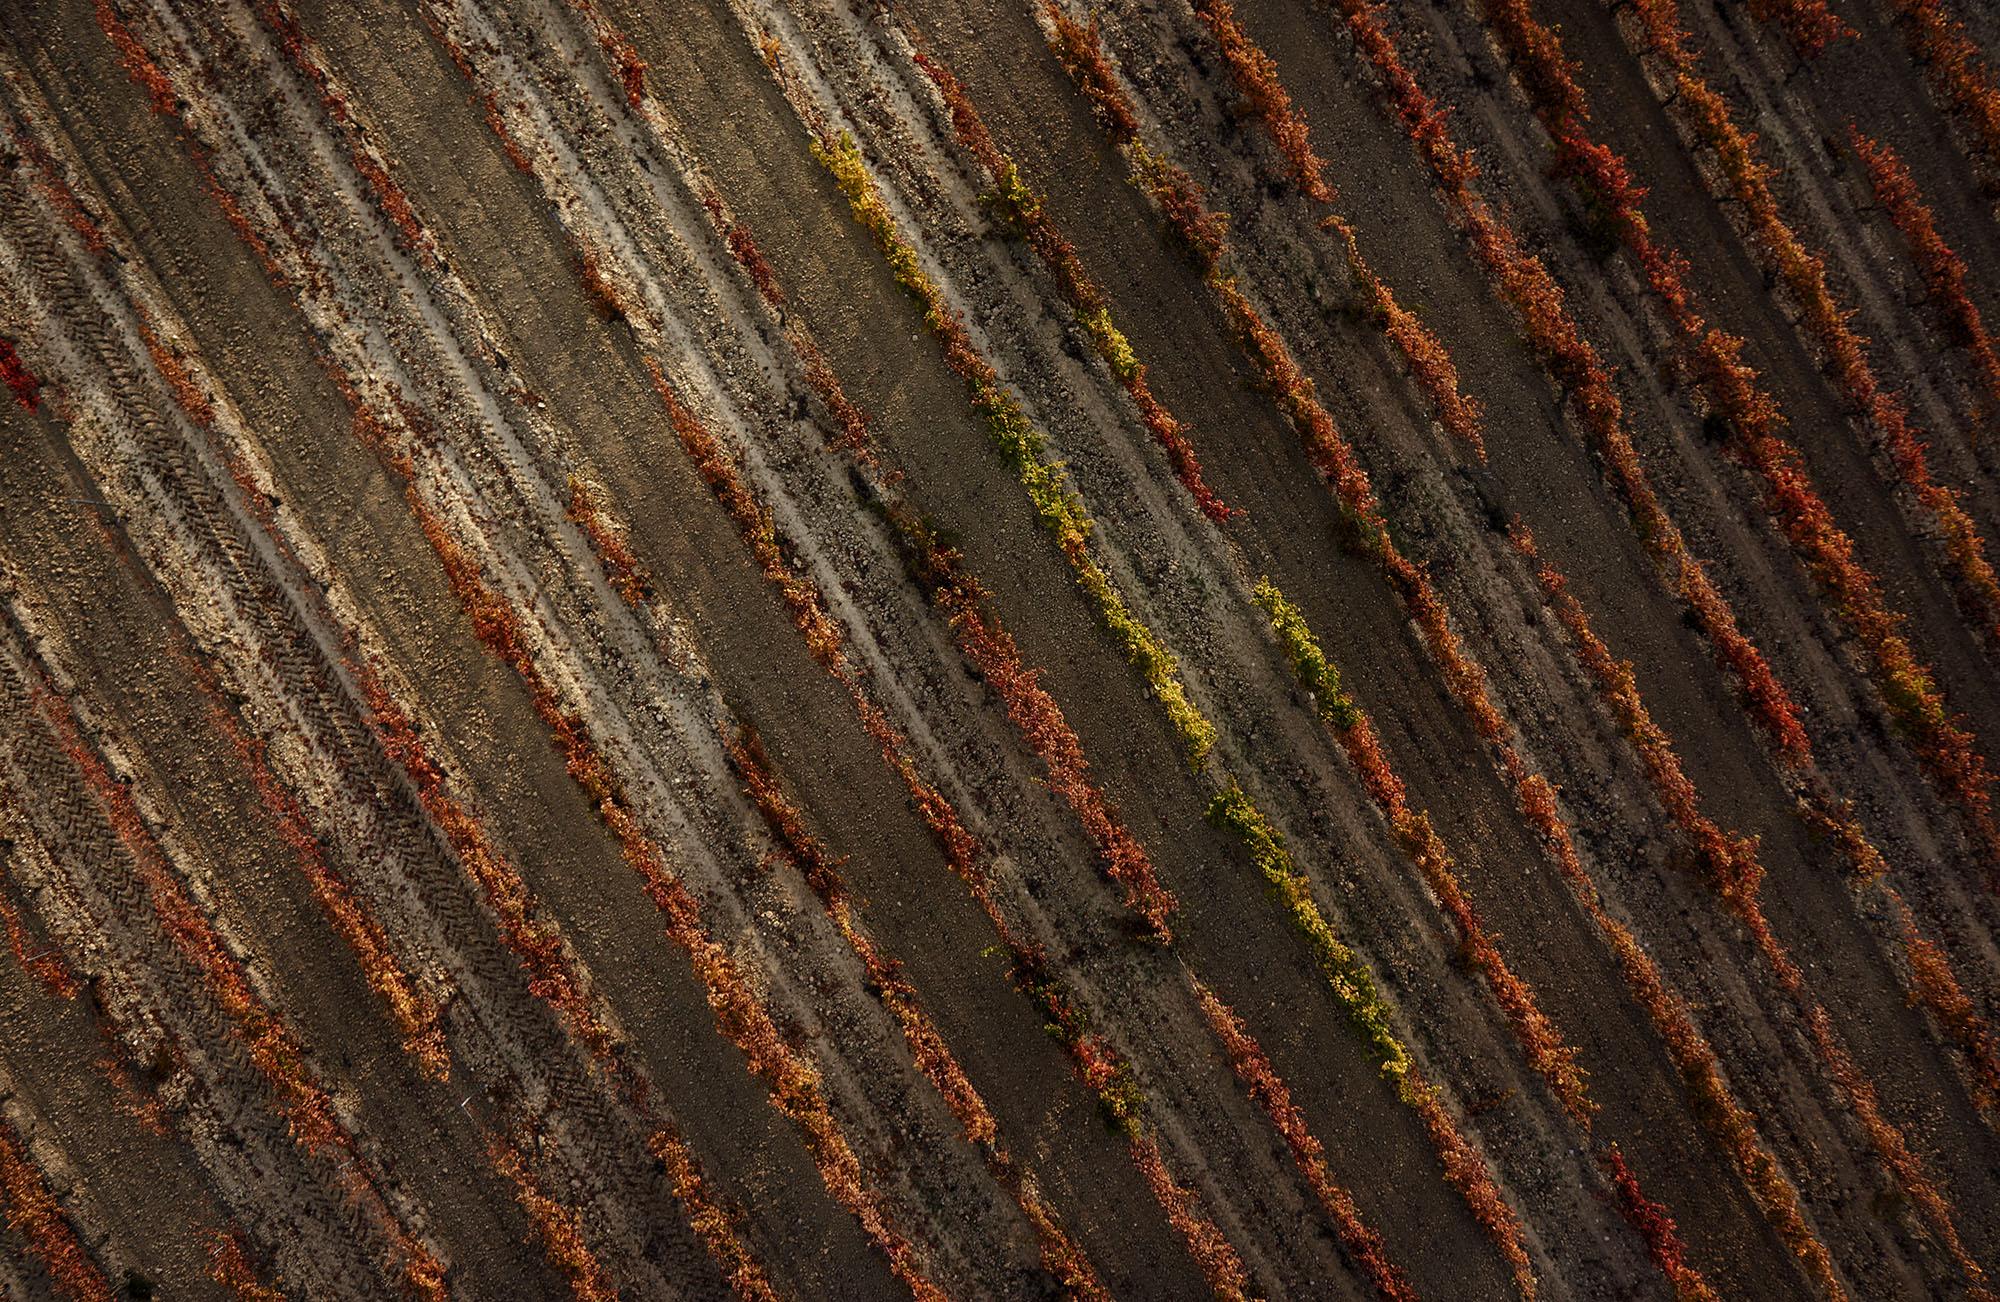 Rioja Alavesa vino wine paisaje uvas Rioja fotografia Hasselblad Nikon phase one viñedo viña tinto